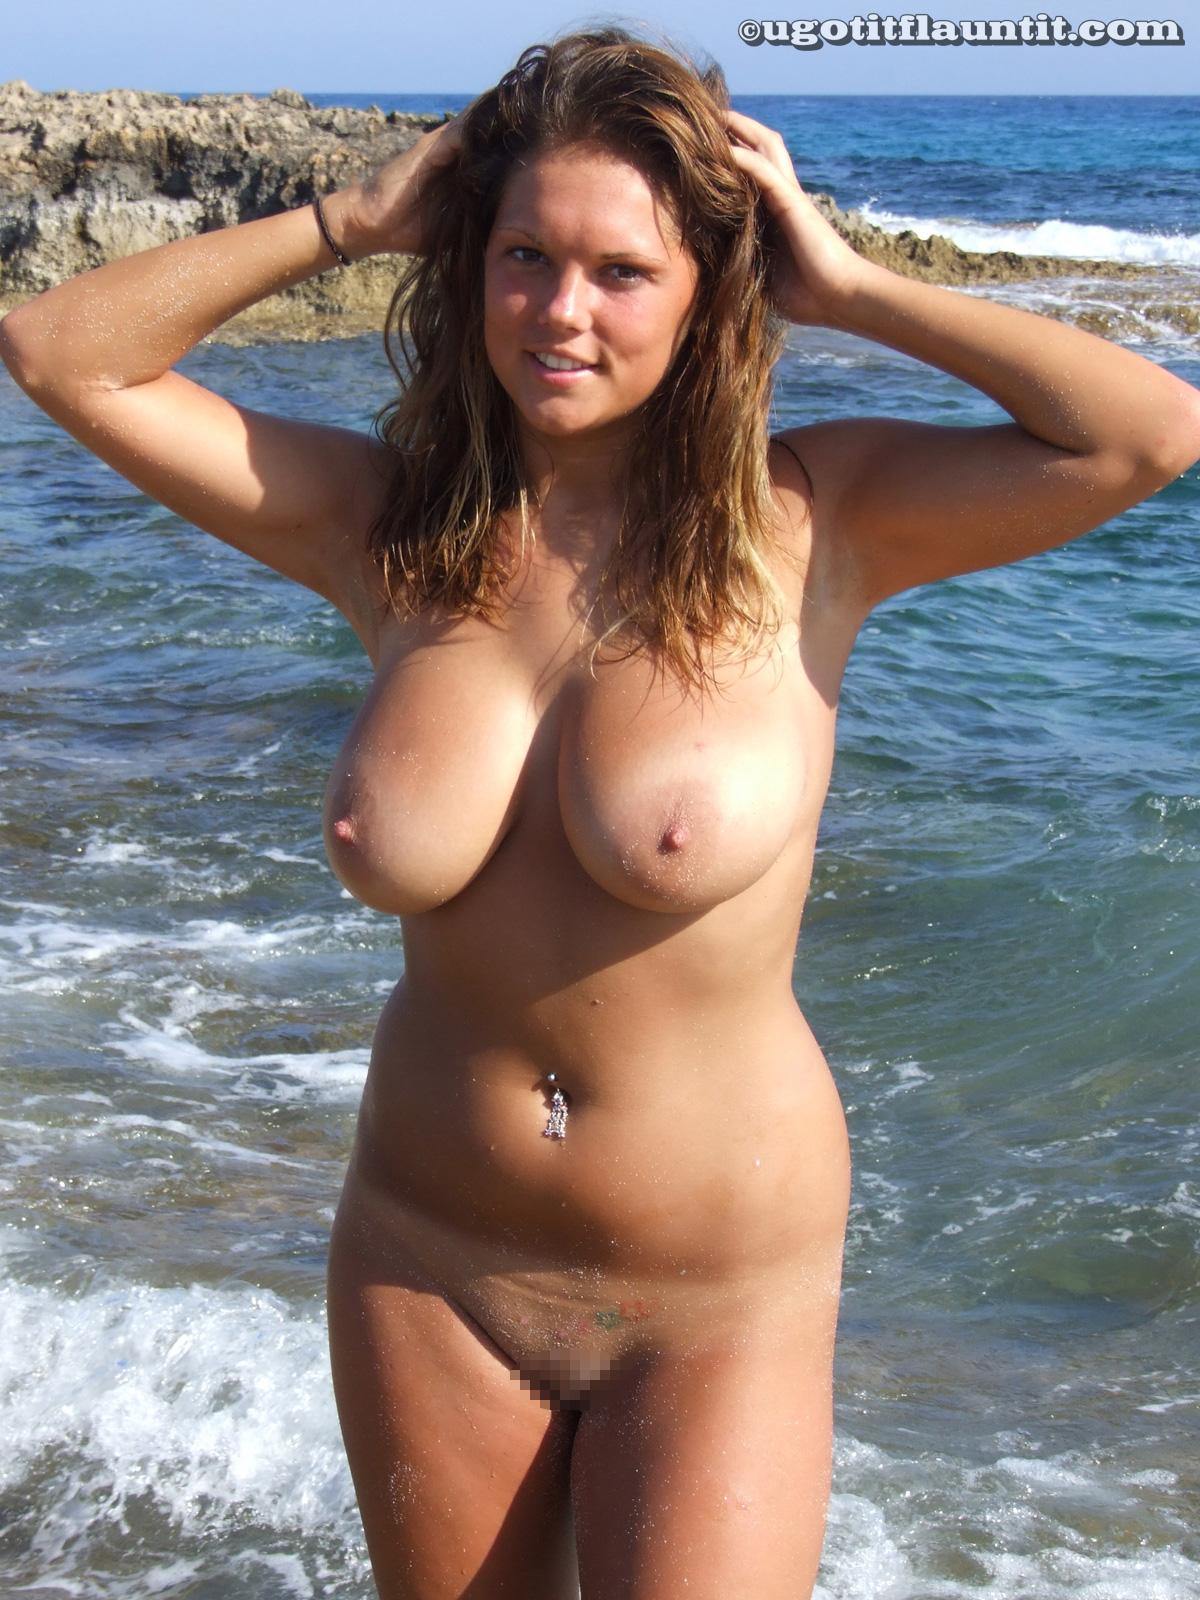 【ヌーディストビーチエロ画像】生で全裸女性が見れる浜辺があると聞いてwww